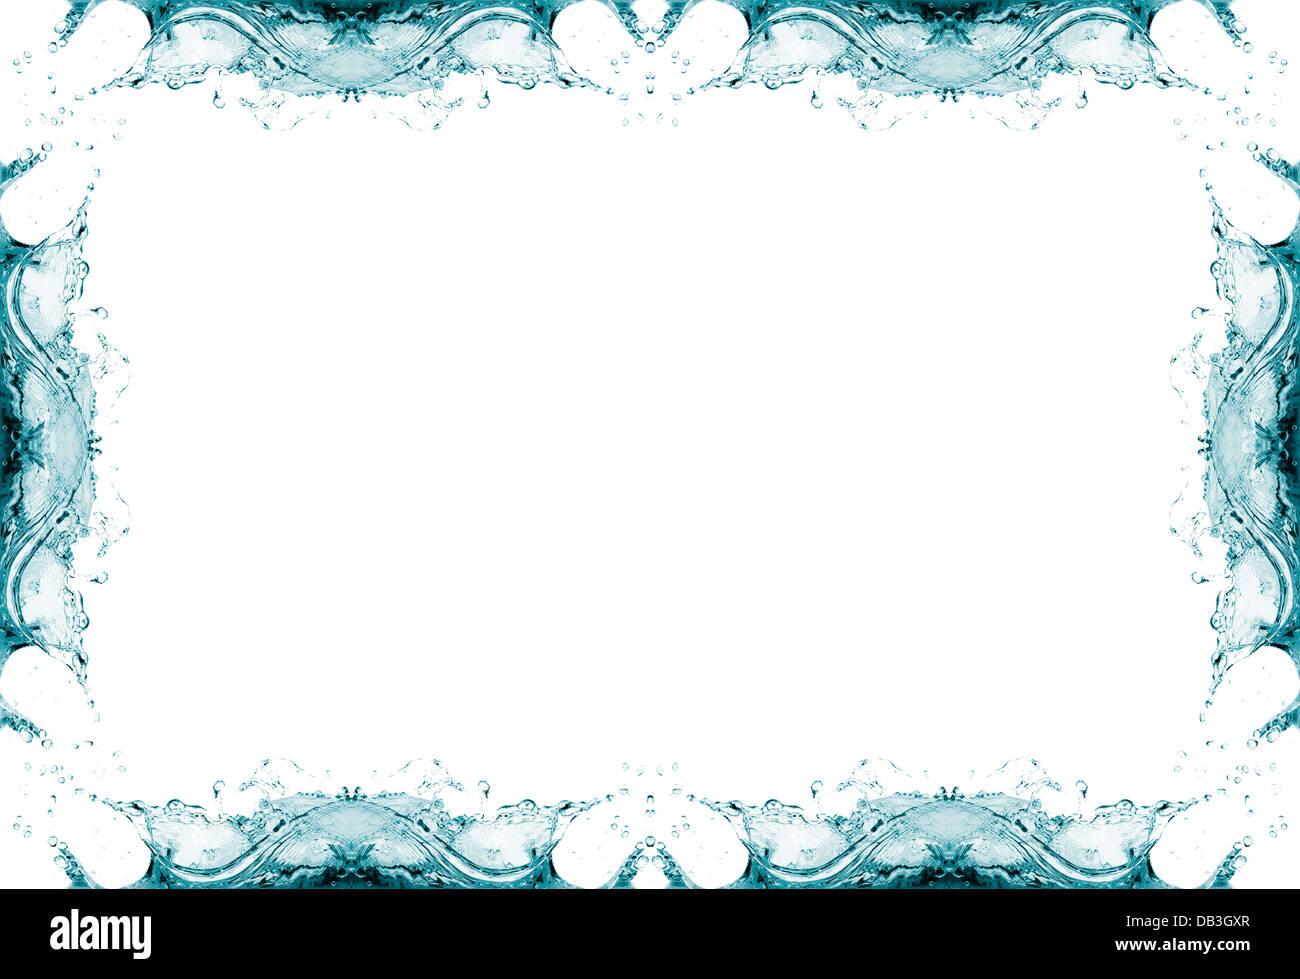 Splatter Frame Stockfotos & Splatter Frame Bilder - Alamy